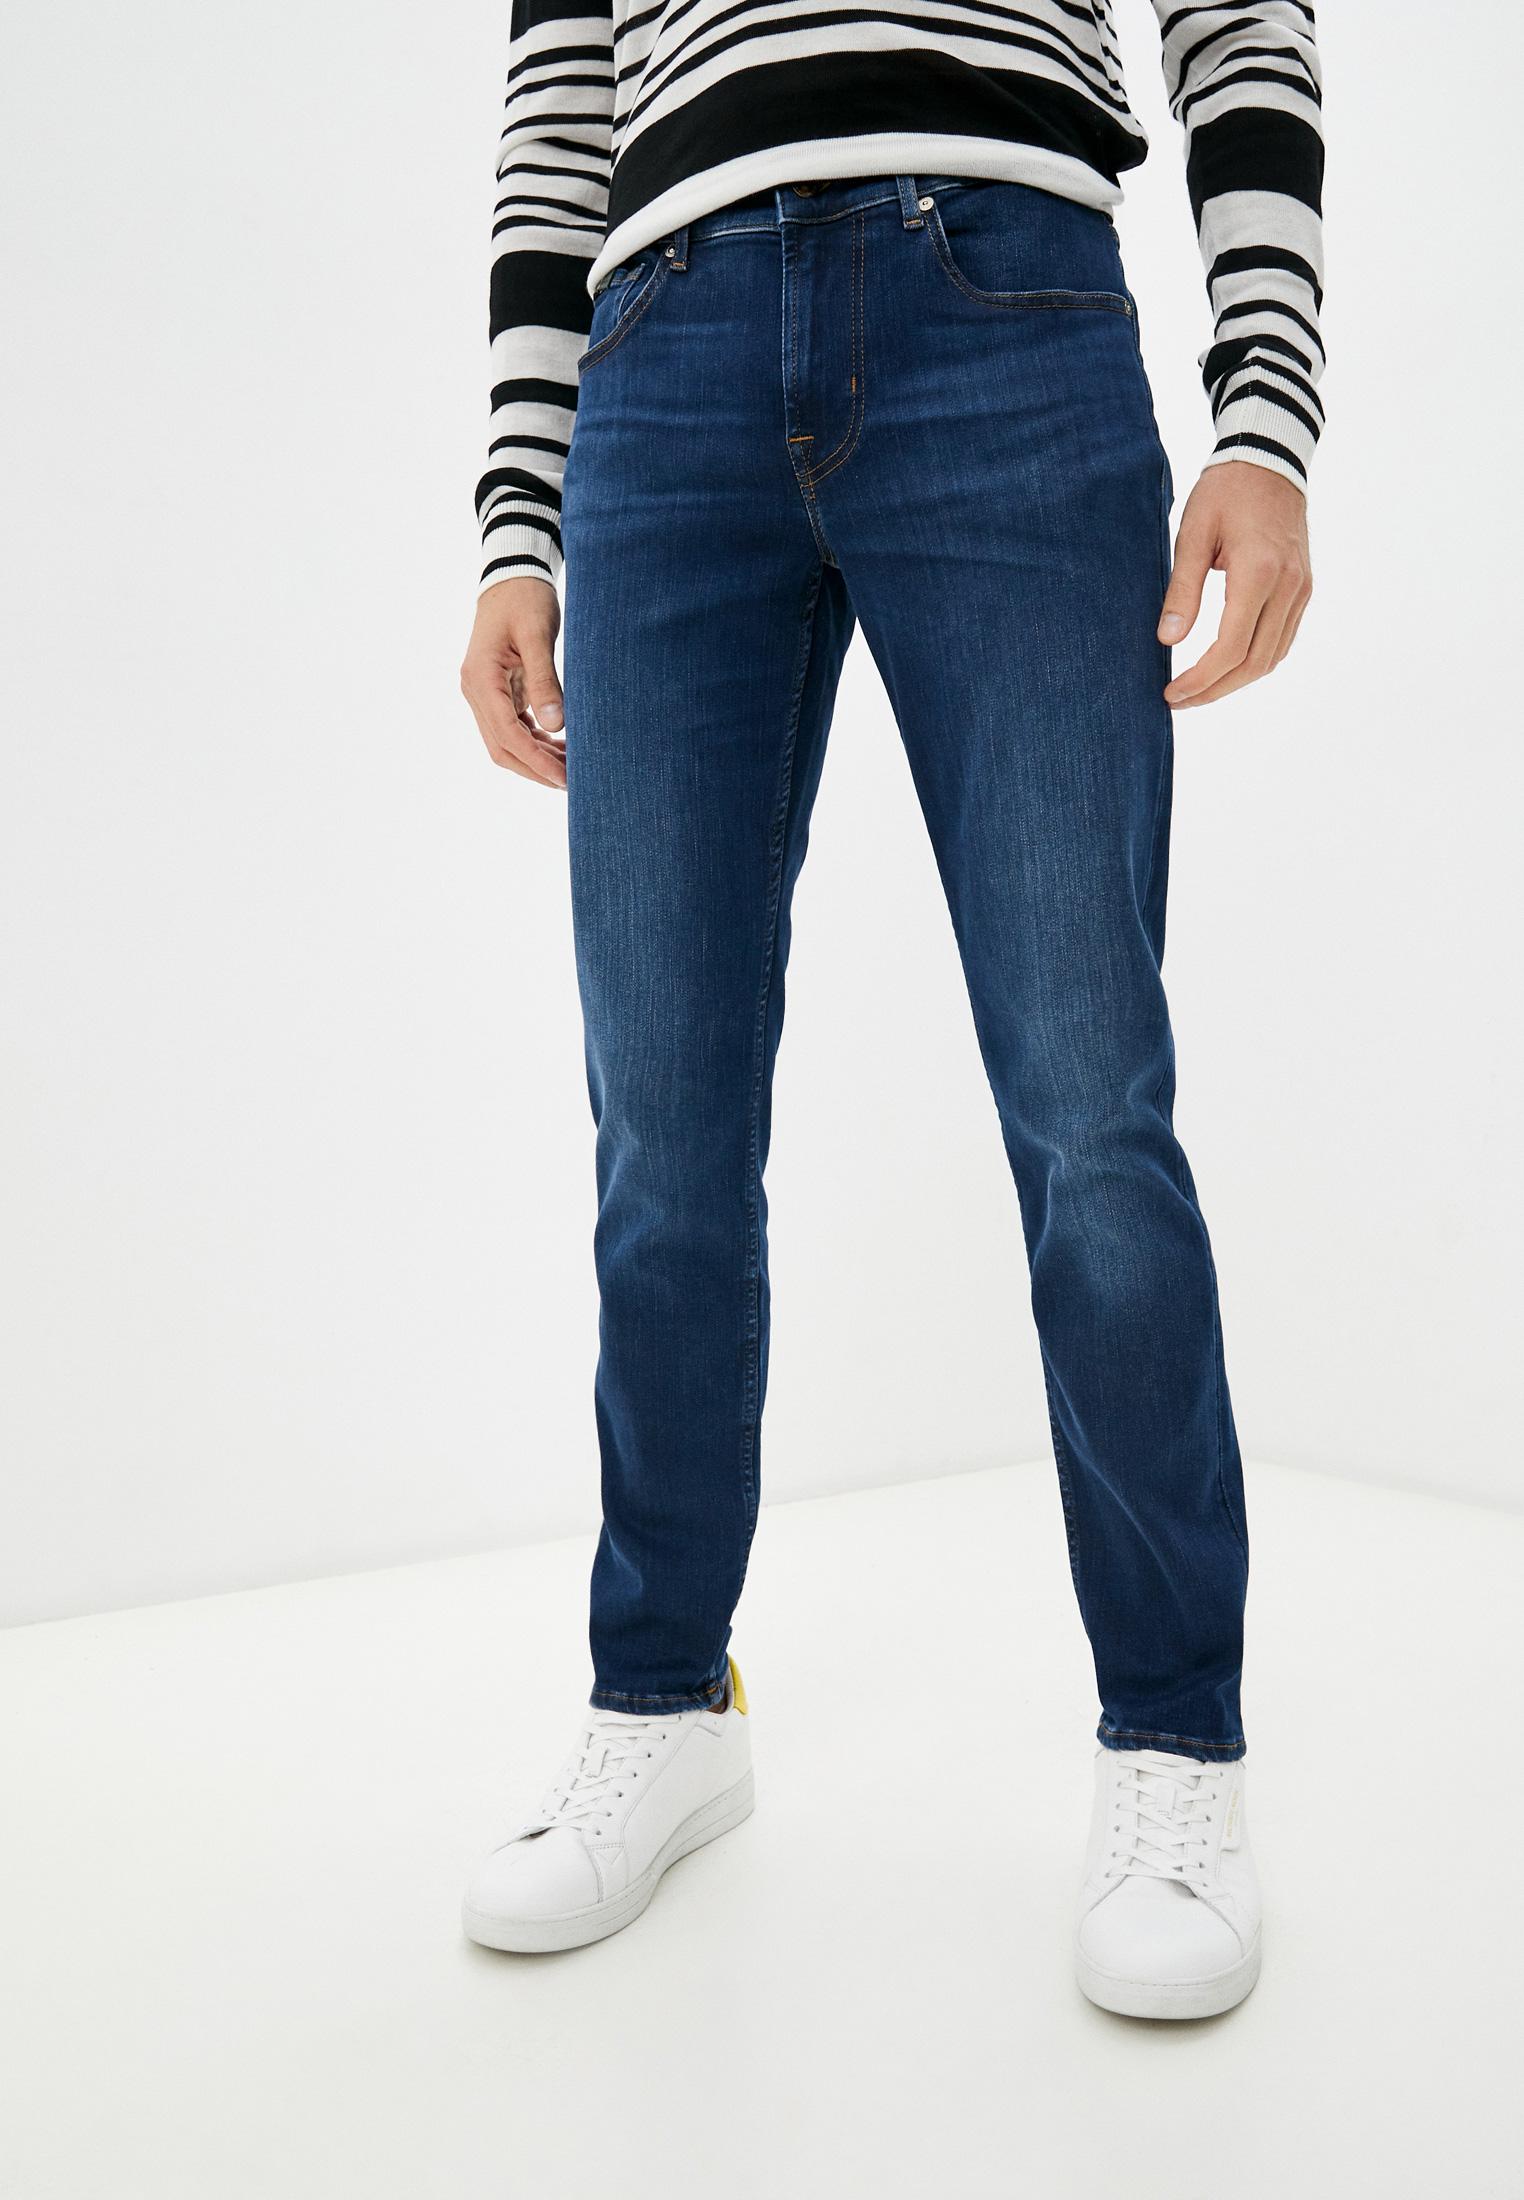 Зауженные джинсы 7 For All Mankind (7 Фо Олл Мэнкайнд) JSMXU58CTU: изображение 1